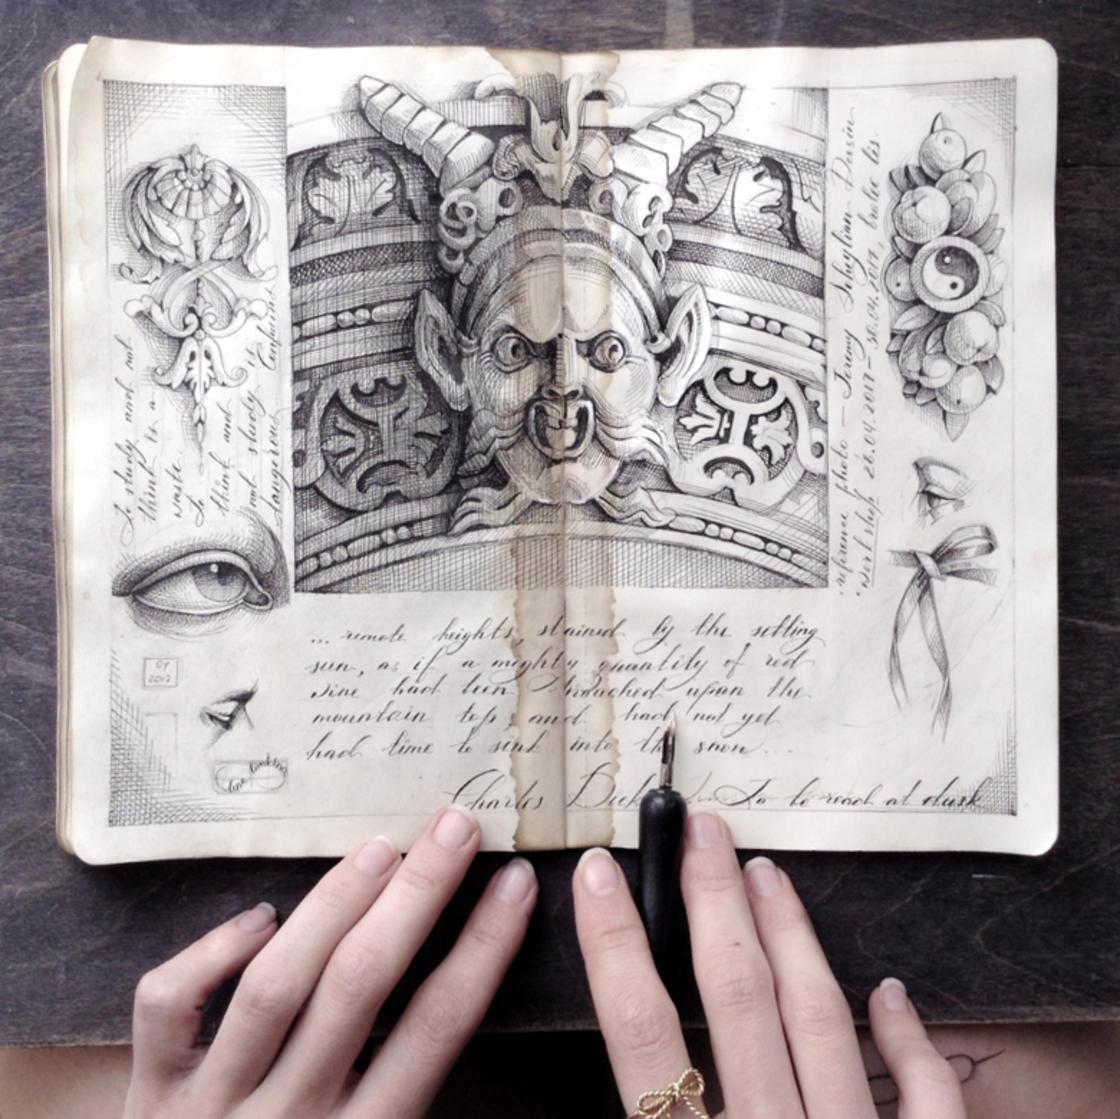 elena-limkina-sketchbook-2.jpg